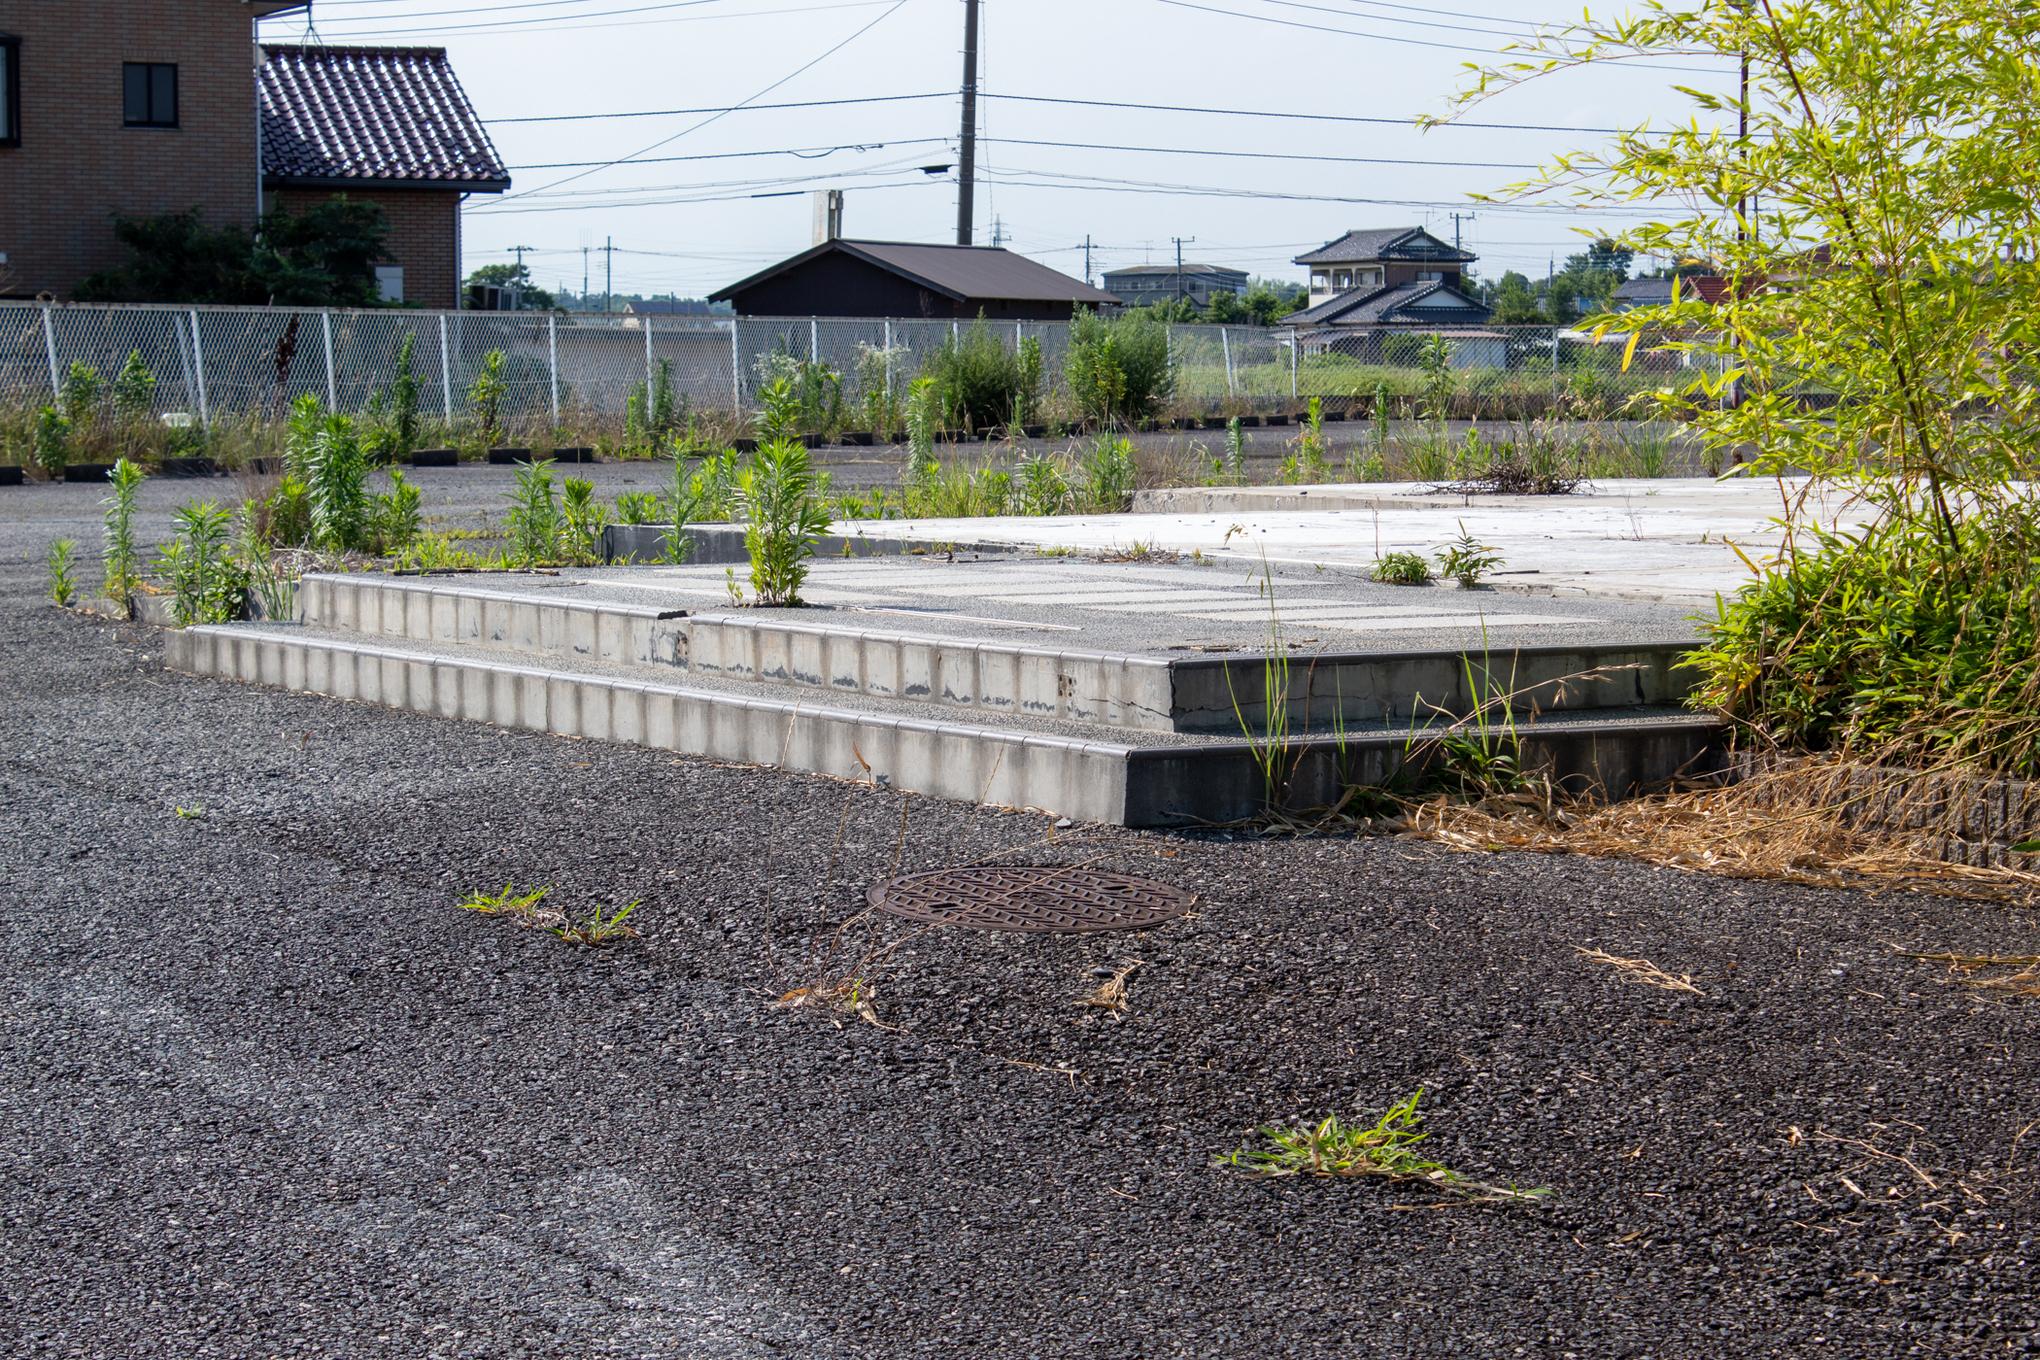 f:id:akichiniiko:20200713211323j:plain